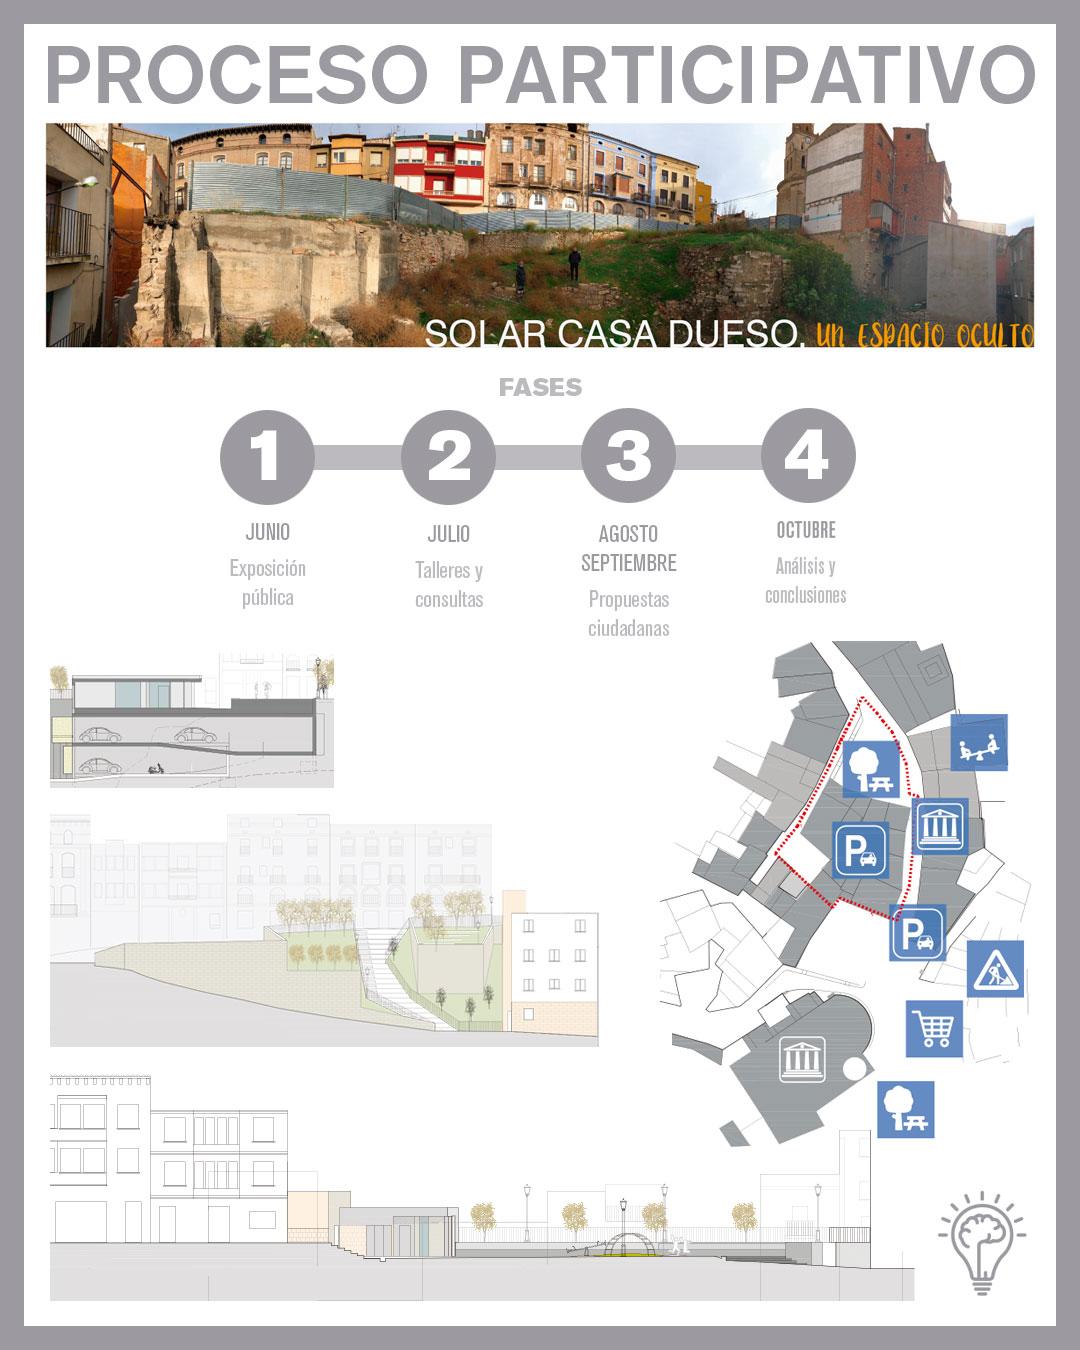 Proceso participativo solar Casa Dueso